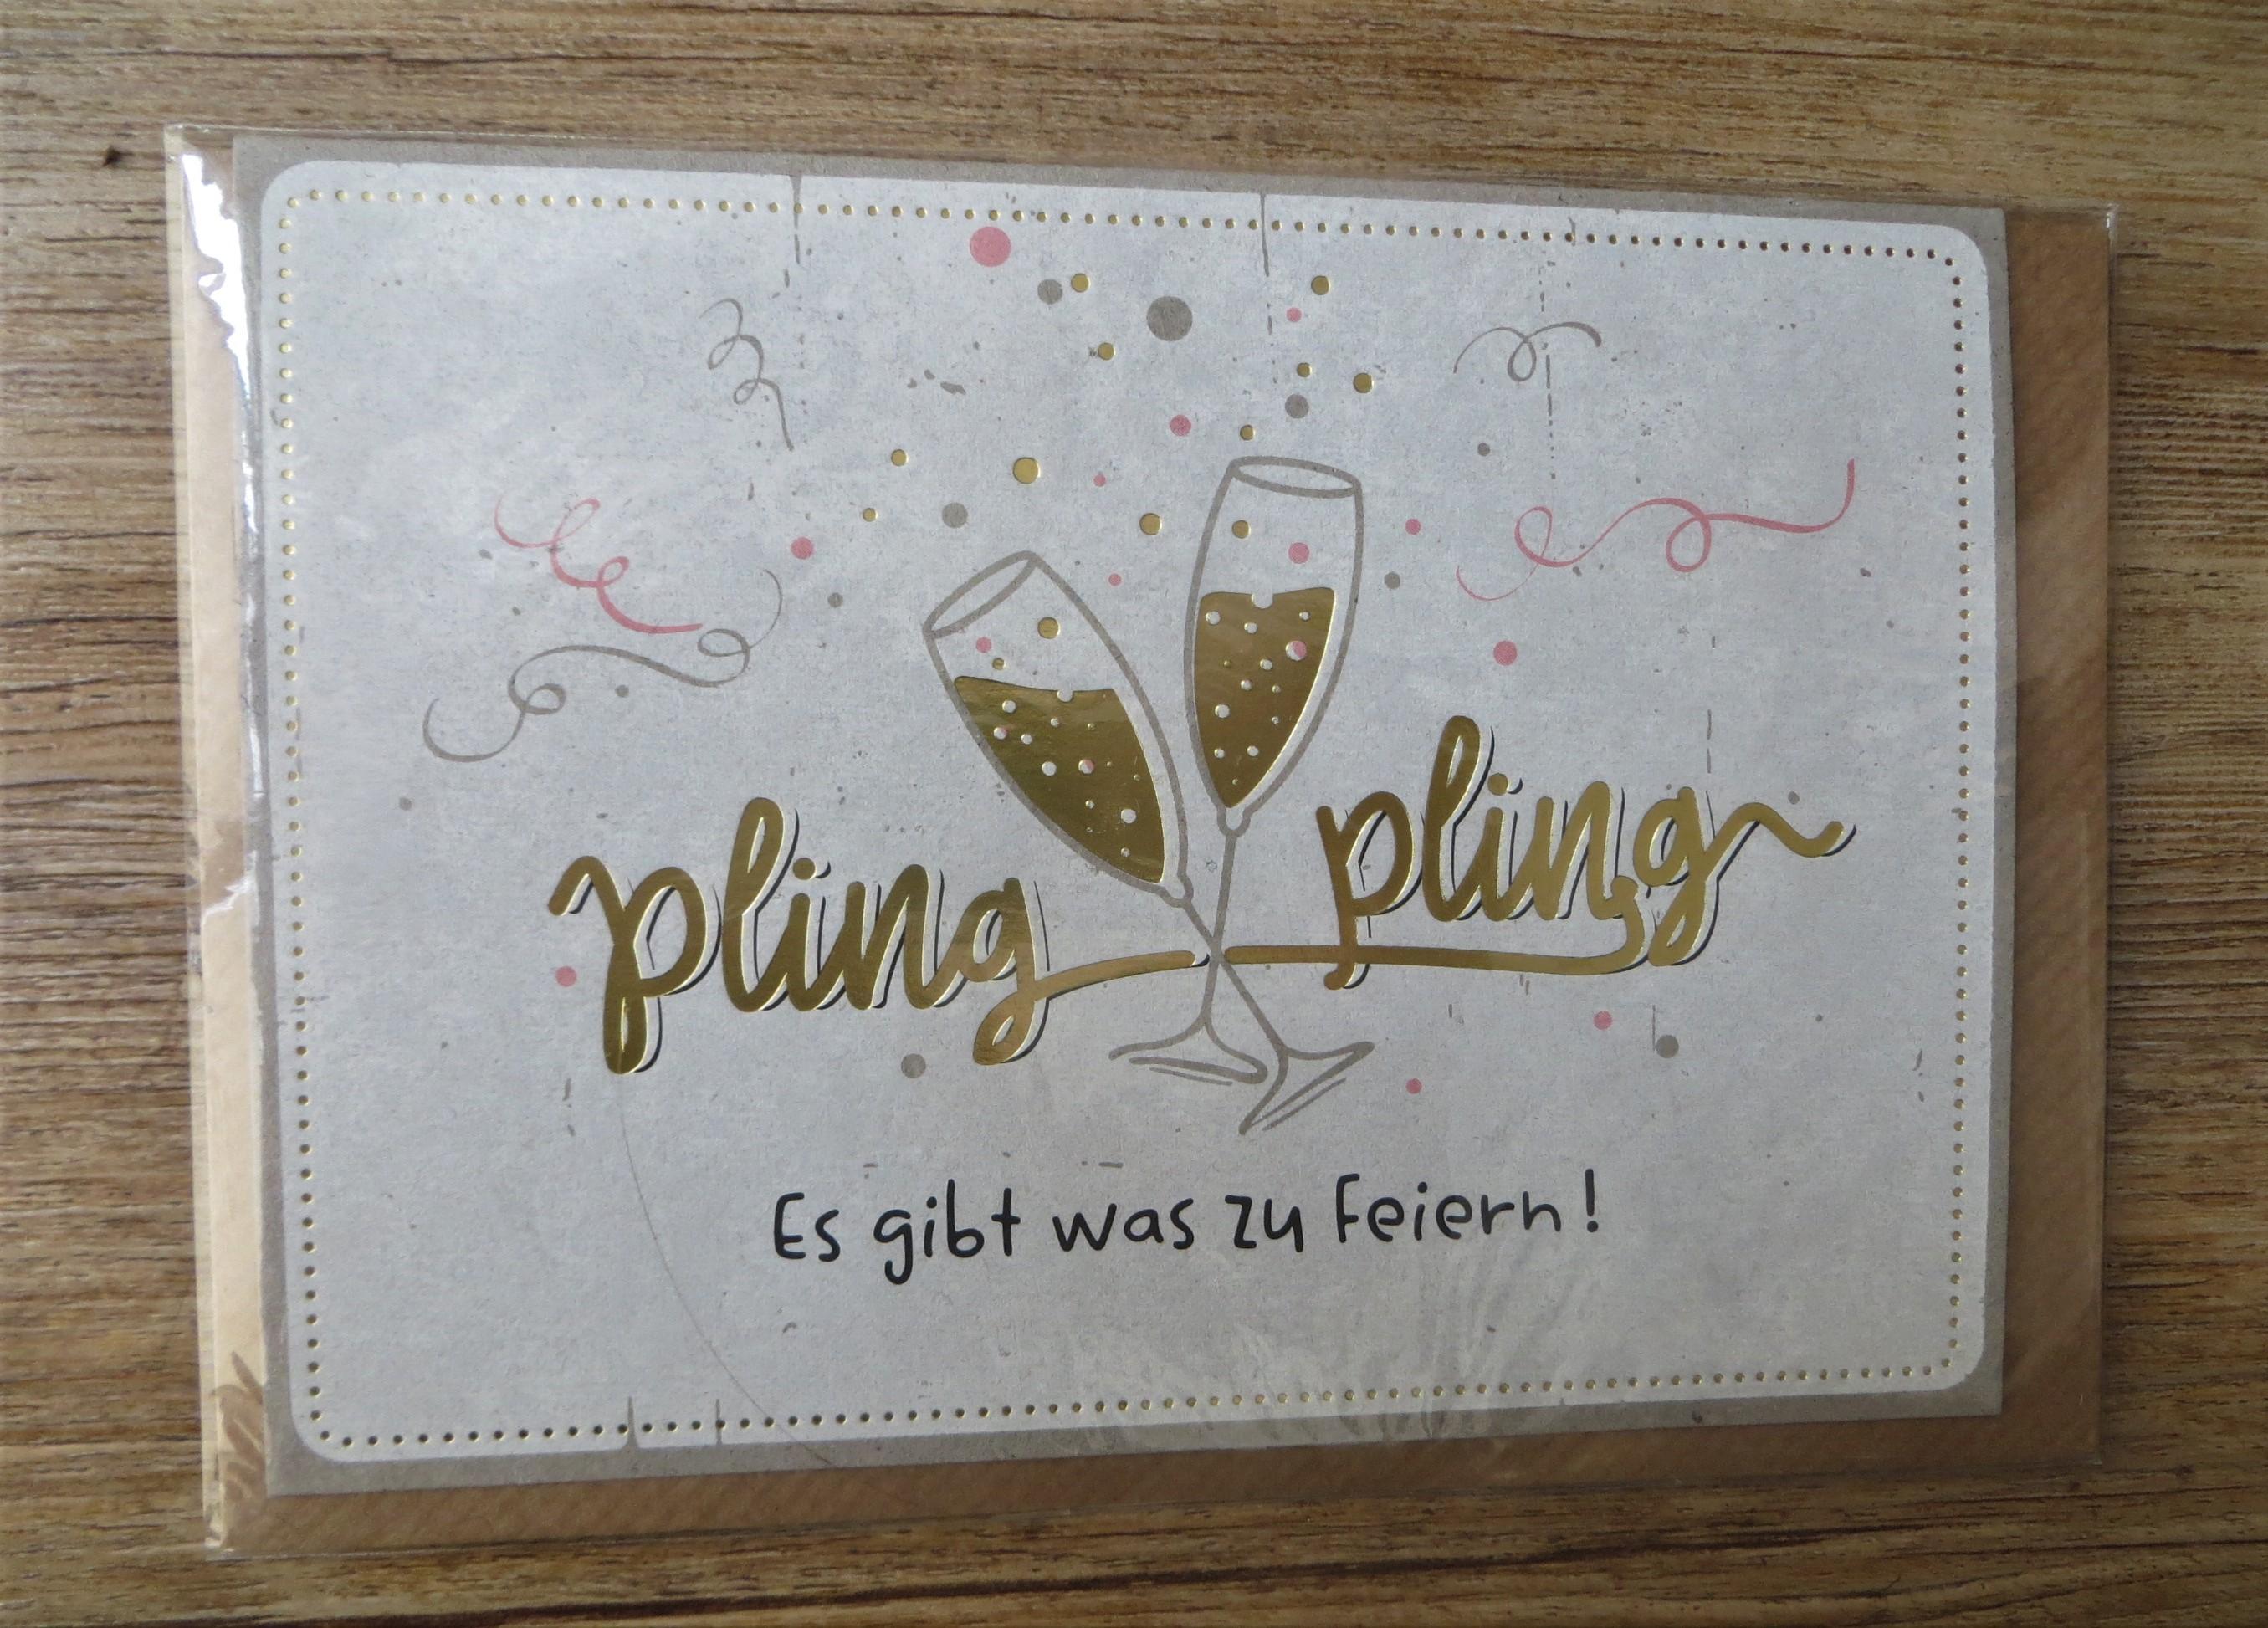 Klappkarte Umschlagkarte pling pling Es gibt was zu Feiern KUNST und BILD